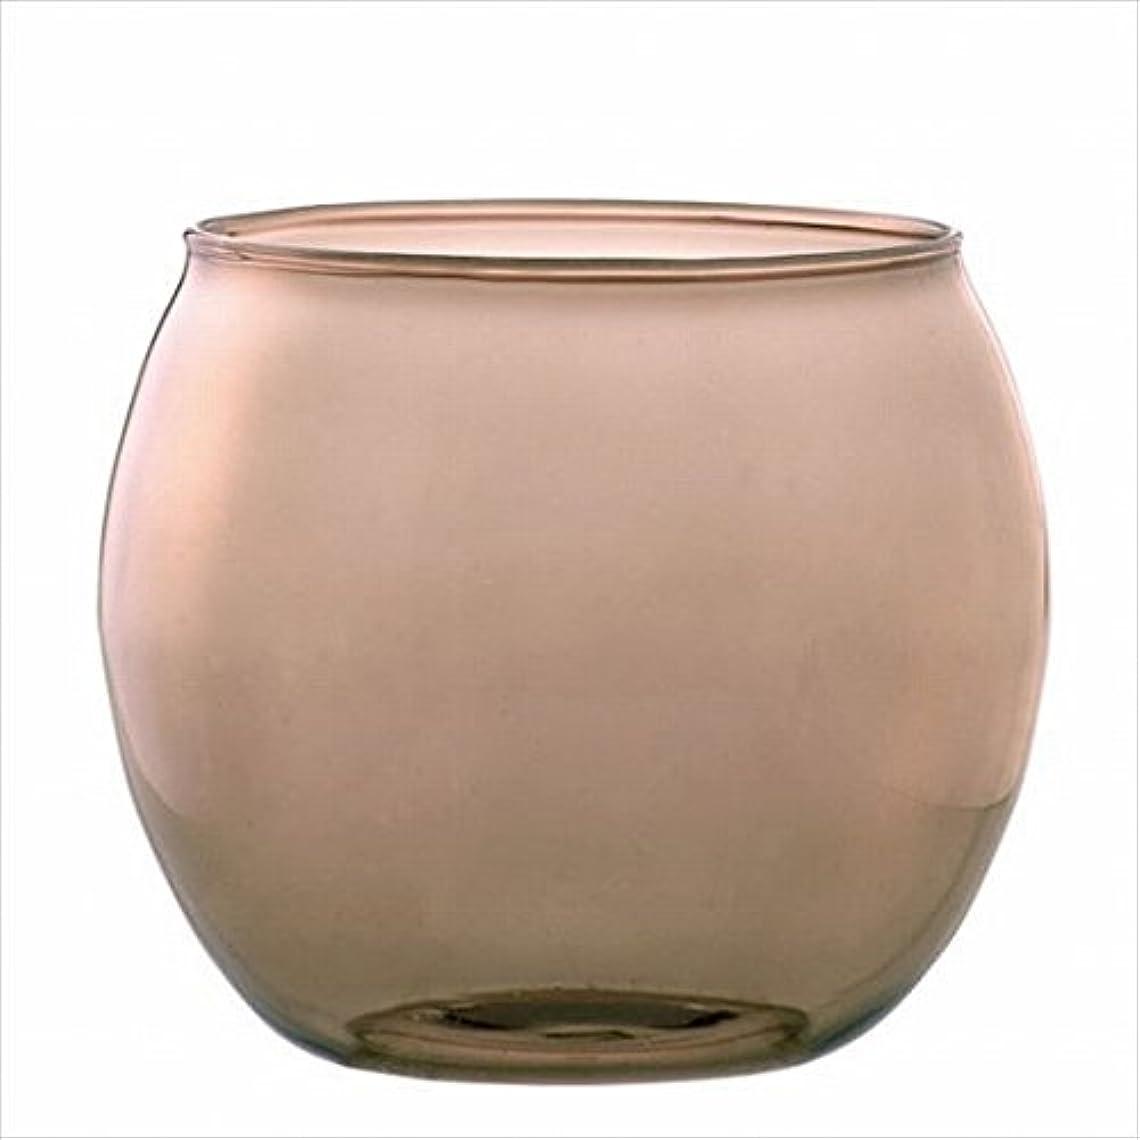 スパイ退院意義カメヤマキャンドル(kameyama candle) スフィアキャンドルホルダー 「 ベージュ 」